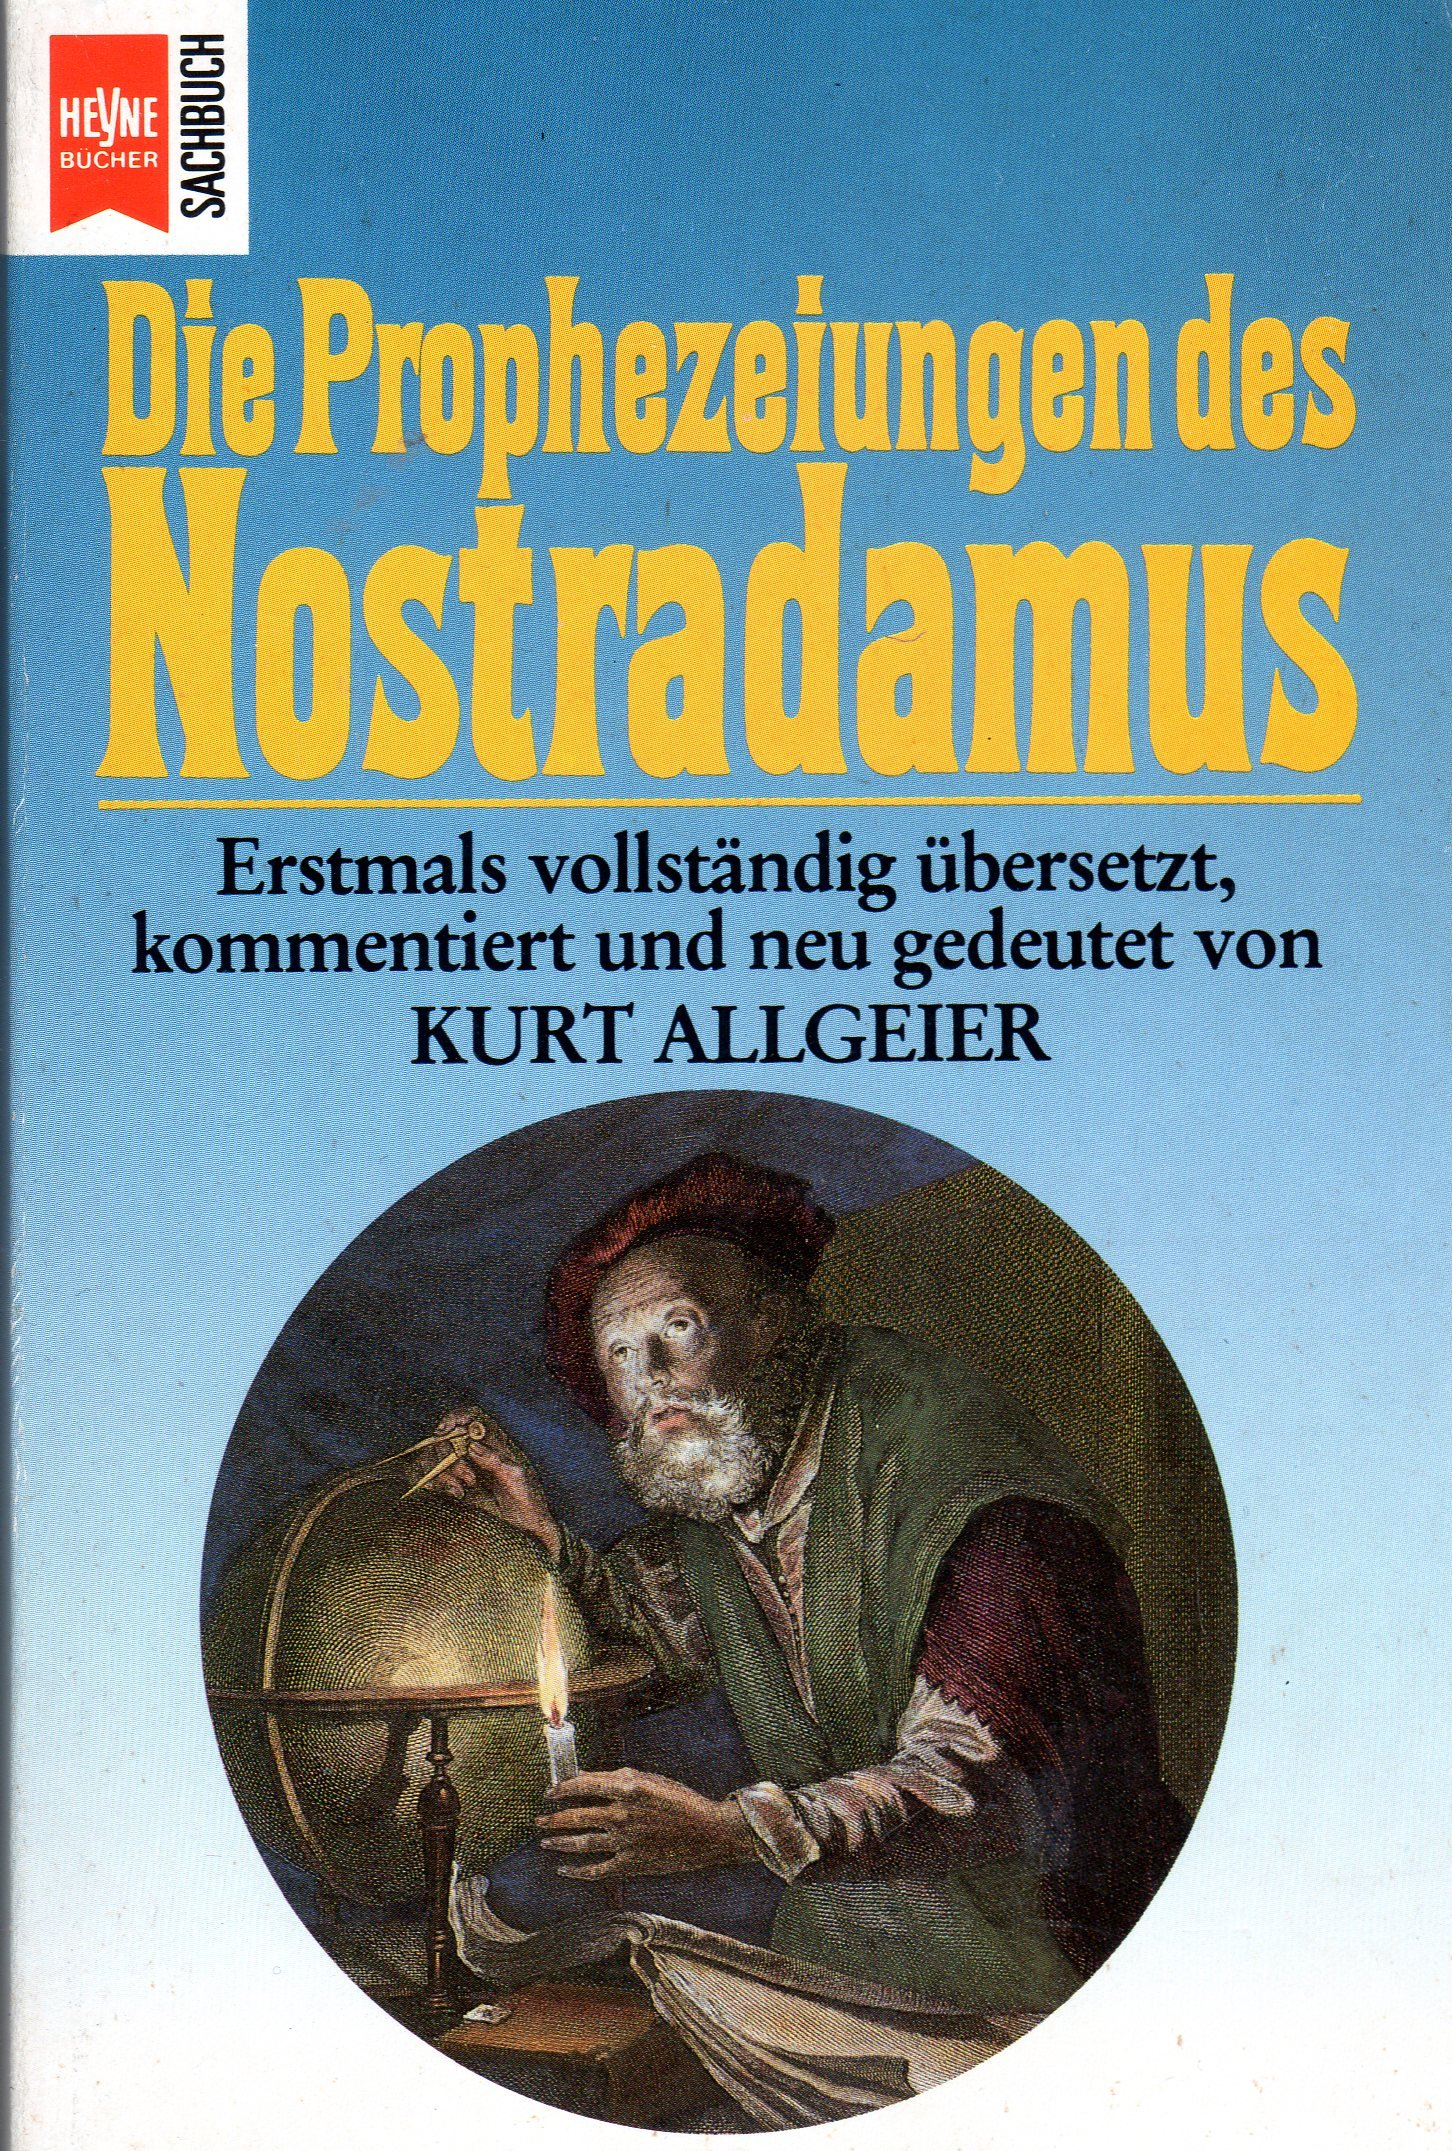 Prophezeiungen des Nostradamus. Broschiert – Juni 1998 Kurt Allgeier Heyne Verlag 3453007328 Esoterik & Astrologie